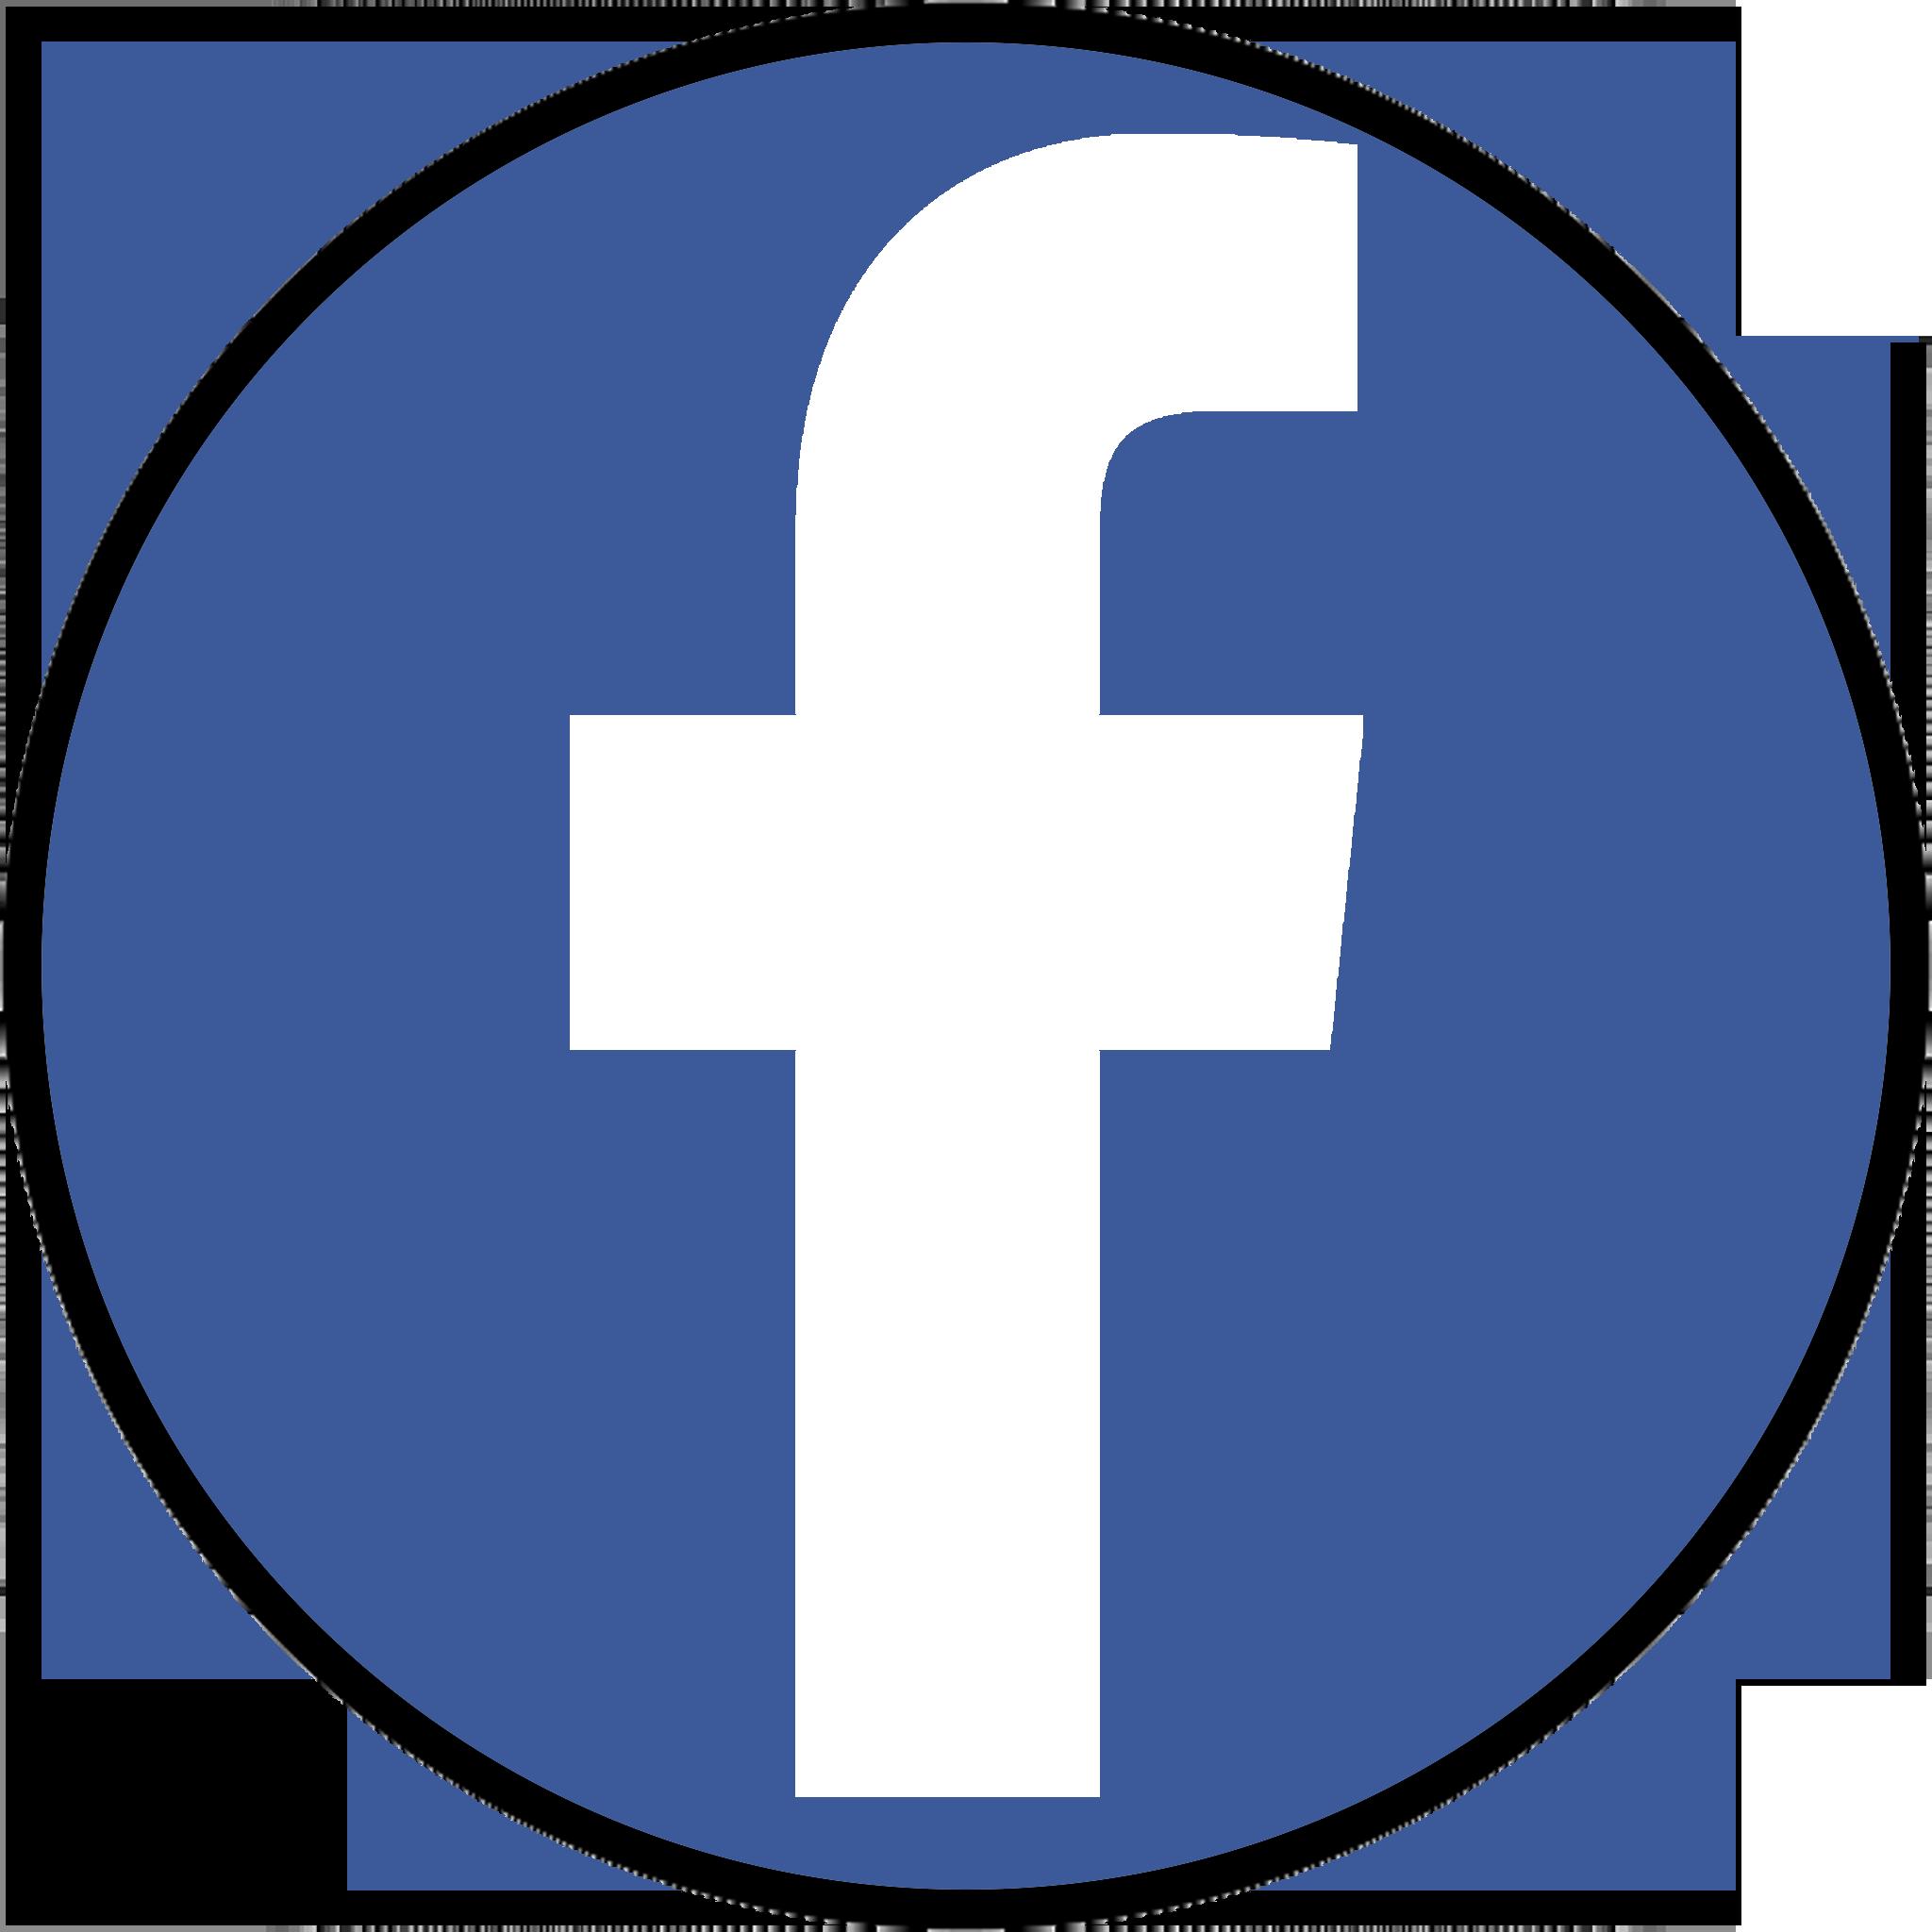 Berkas:Logo fb.png